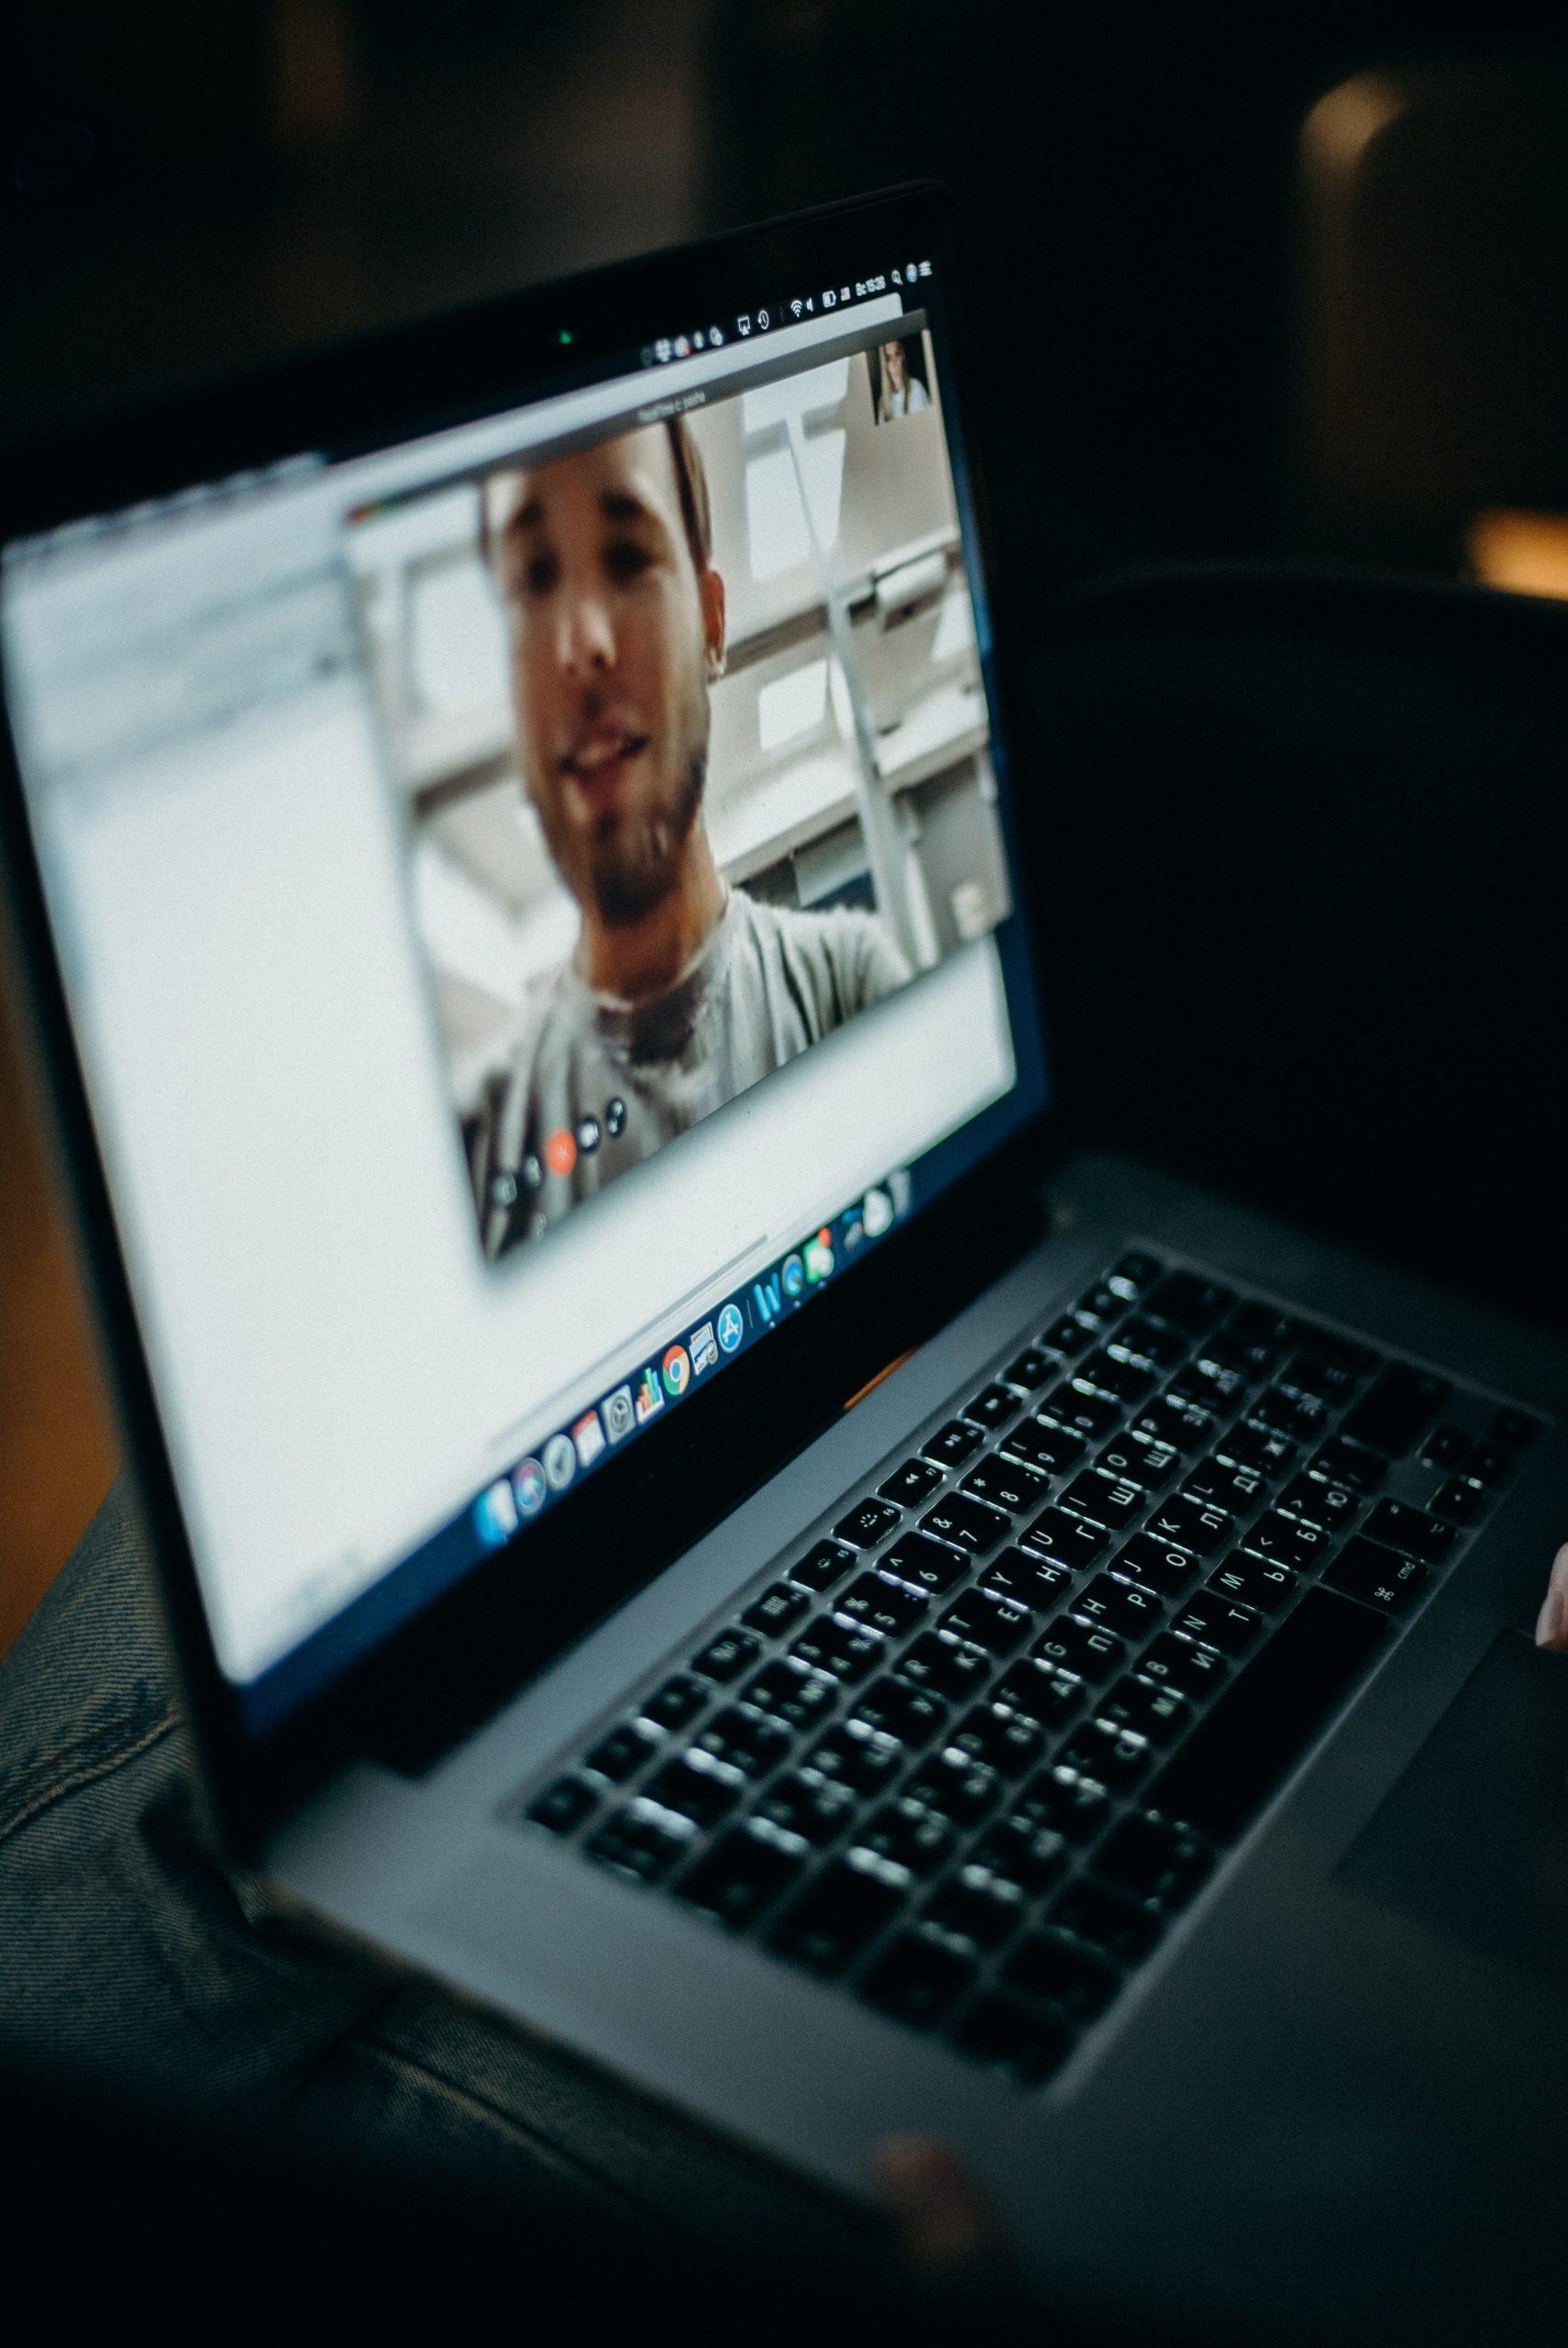 Zoomは怖くない!オンライン婚活を楽しめるようサポートします